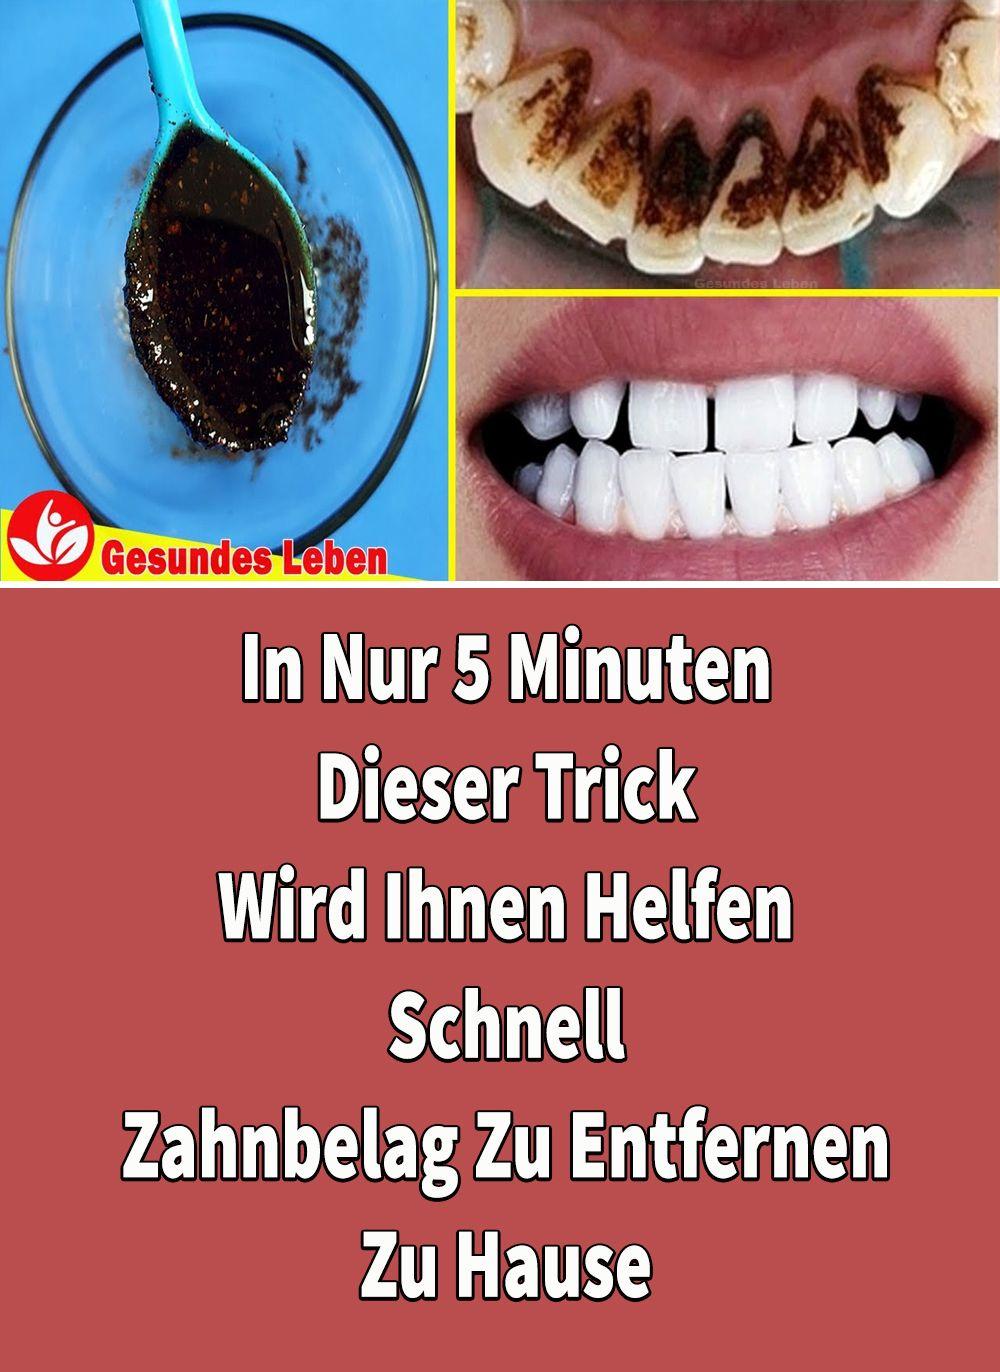 In Nur 5 Minuten - Dieser Trick Wird Ihnen Helfen, Zu Hause Schnell Zahnbelag Zu Entfernen #applecidervinegarbenefits